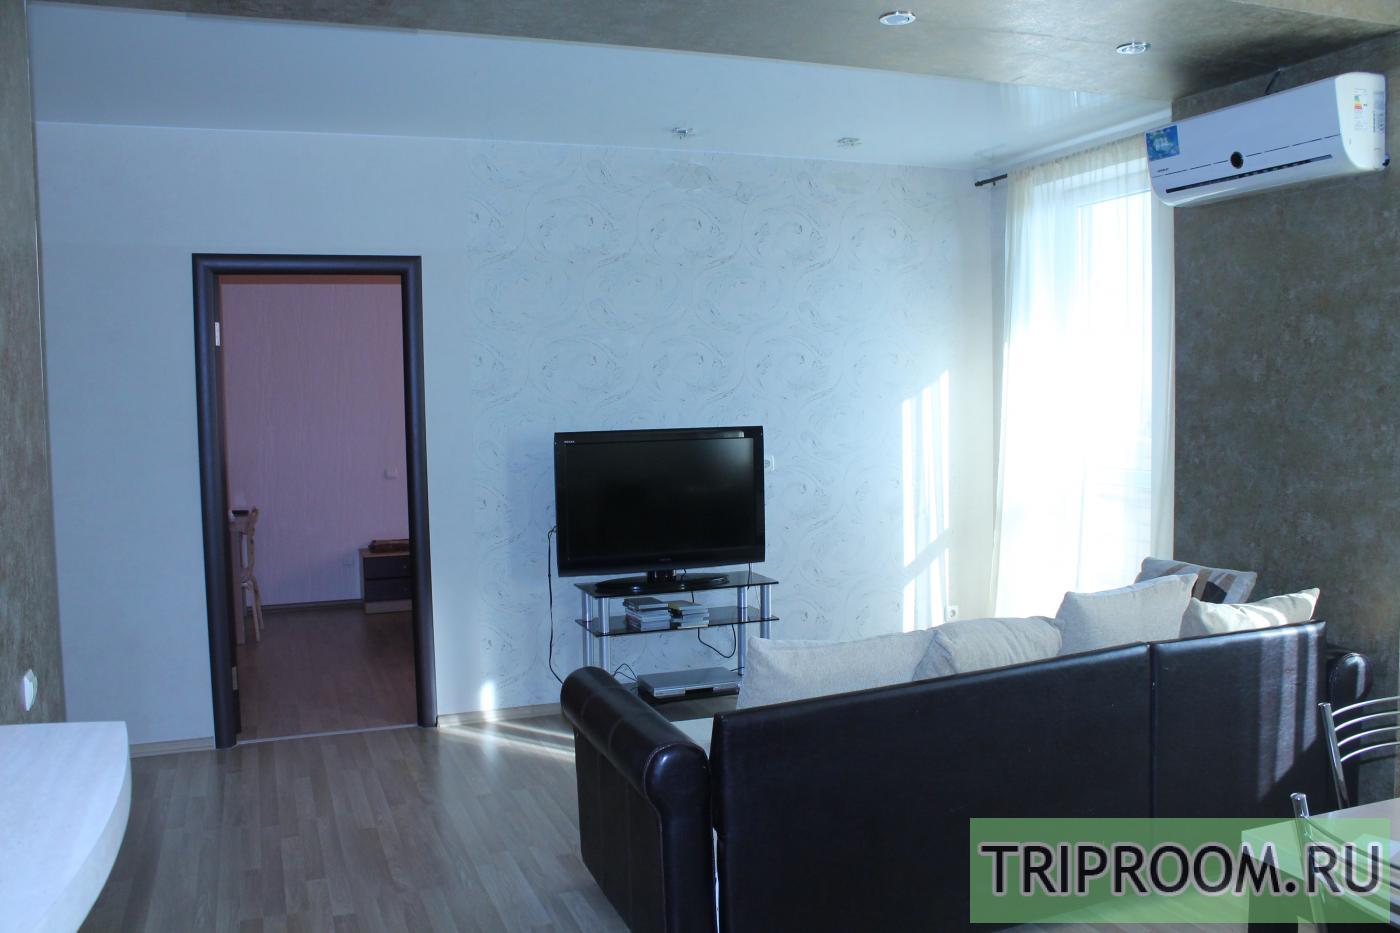 3-комнатная квартира посуточно (вариант № 8212), ул. новоросийская улица, фото № 9